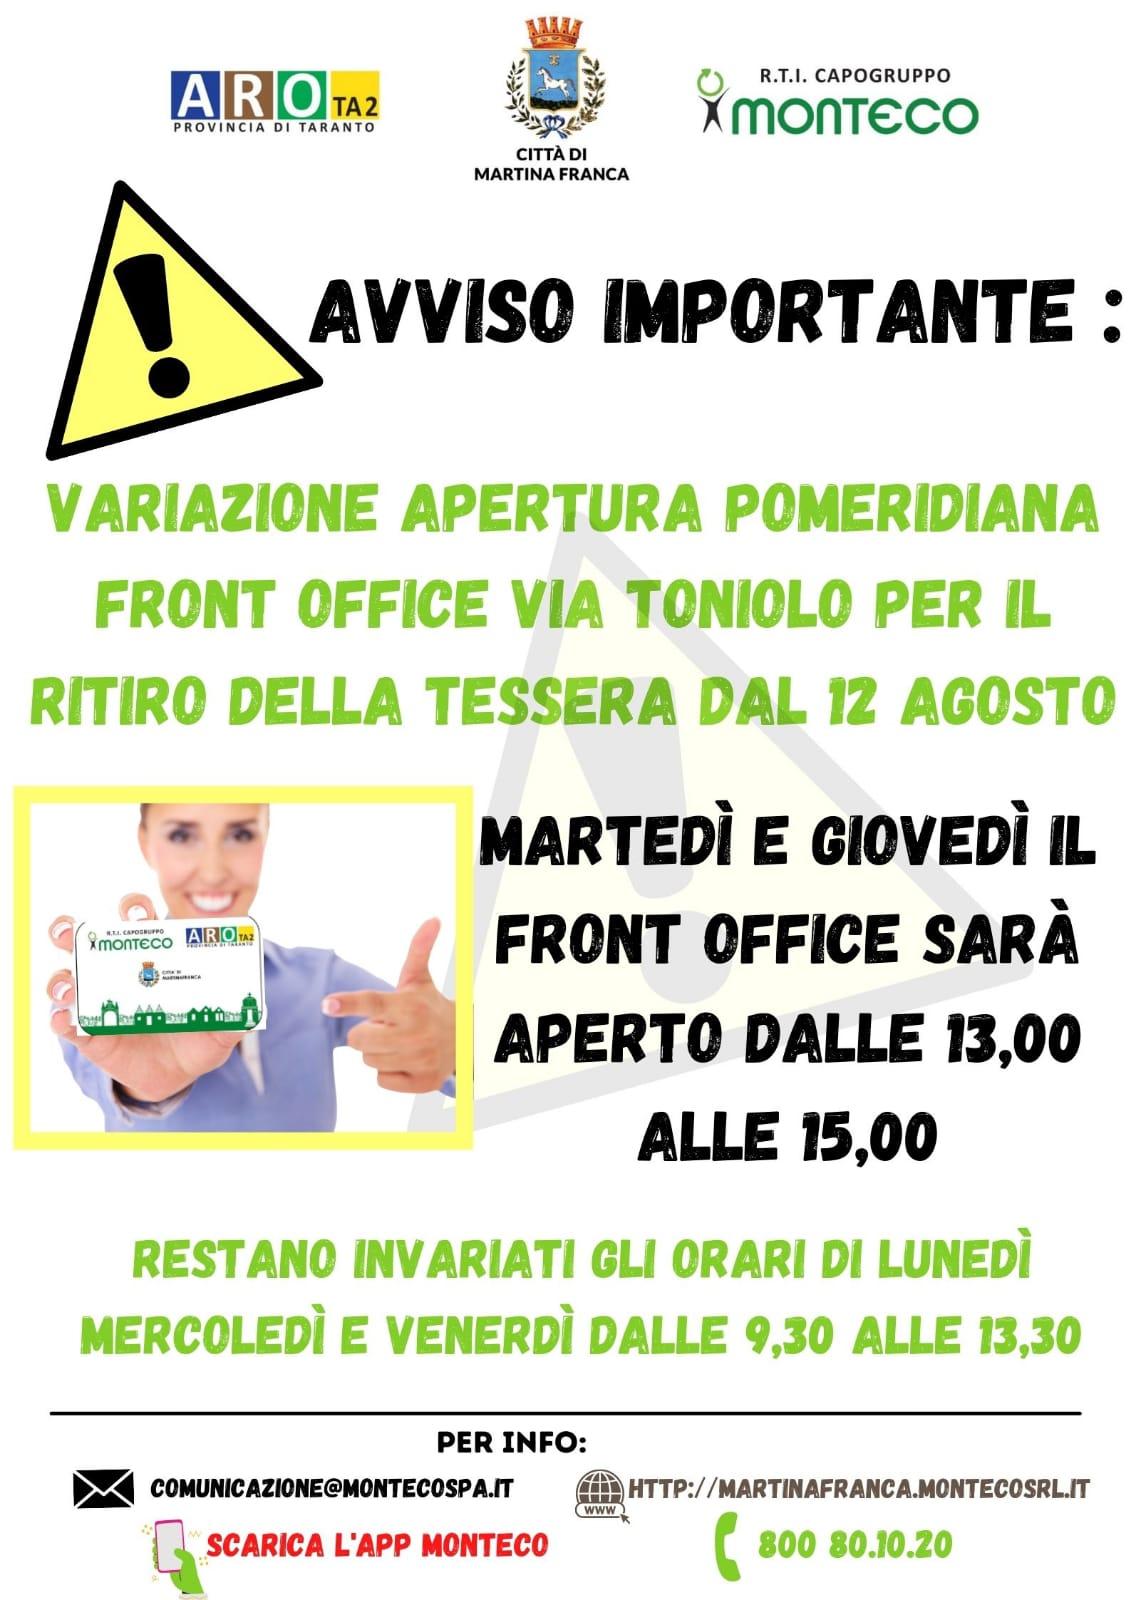 Martina Franca. Variazione apertura pomeridiana Front Office di via Toniolo dal 12 agosto 2021